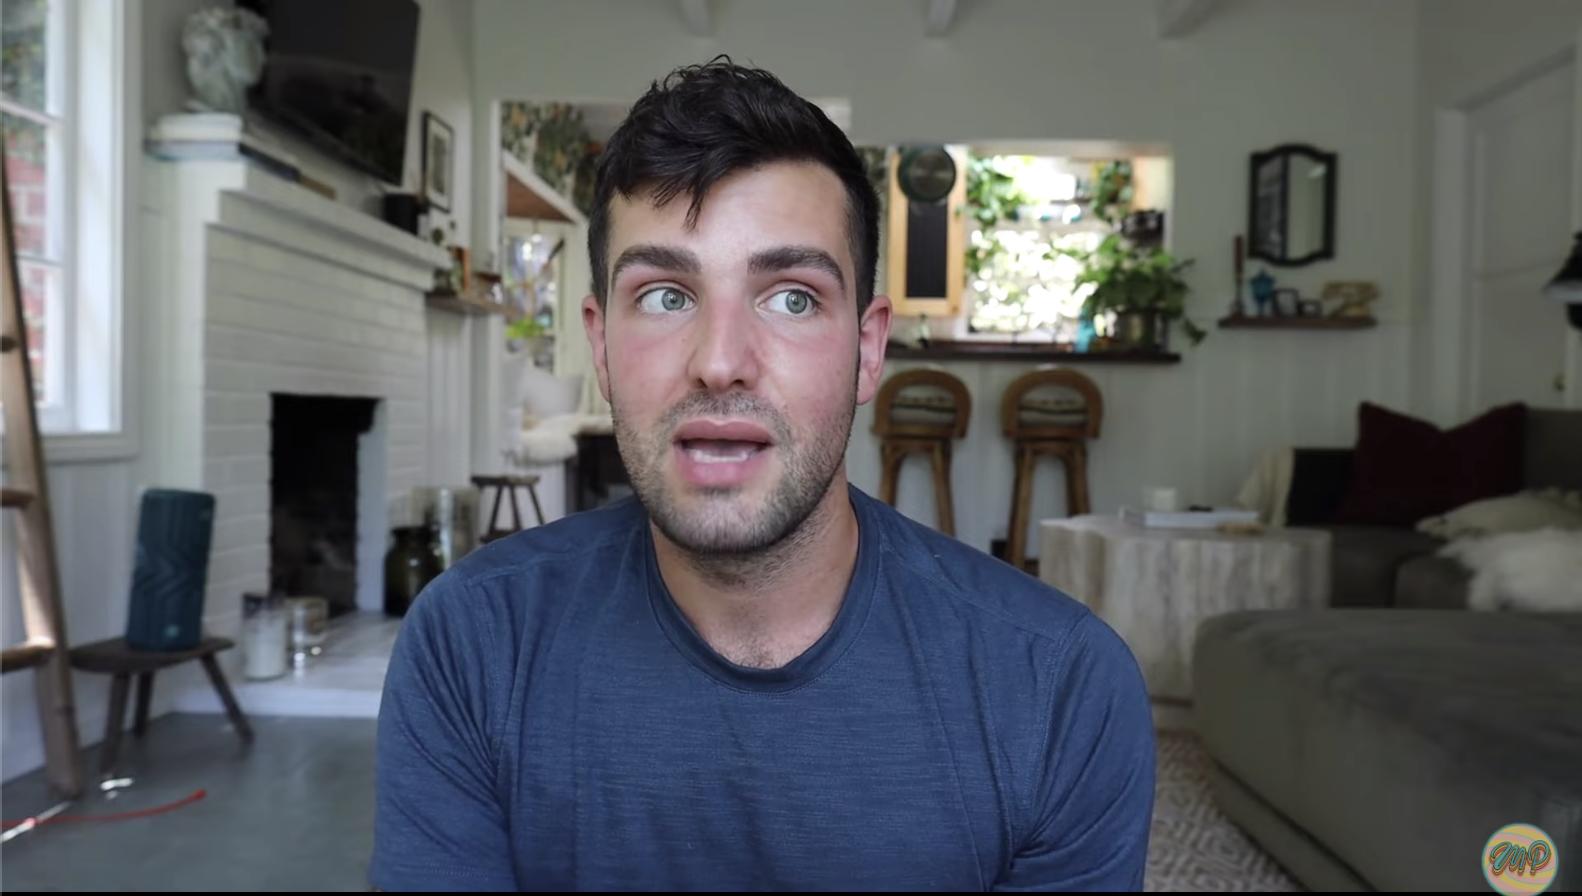 Daniel Preda talking in this YouTube video